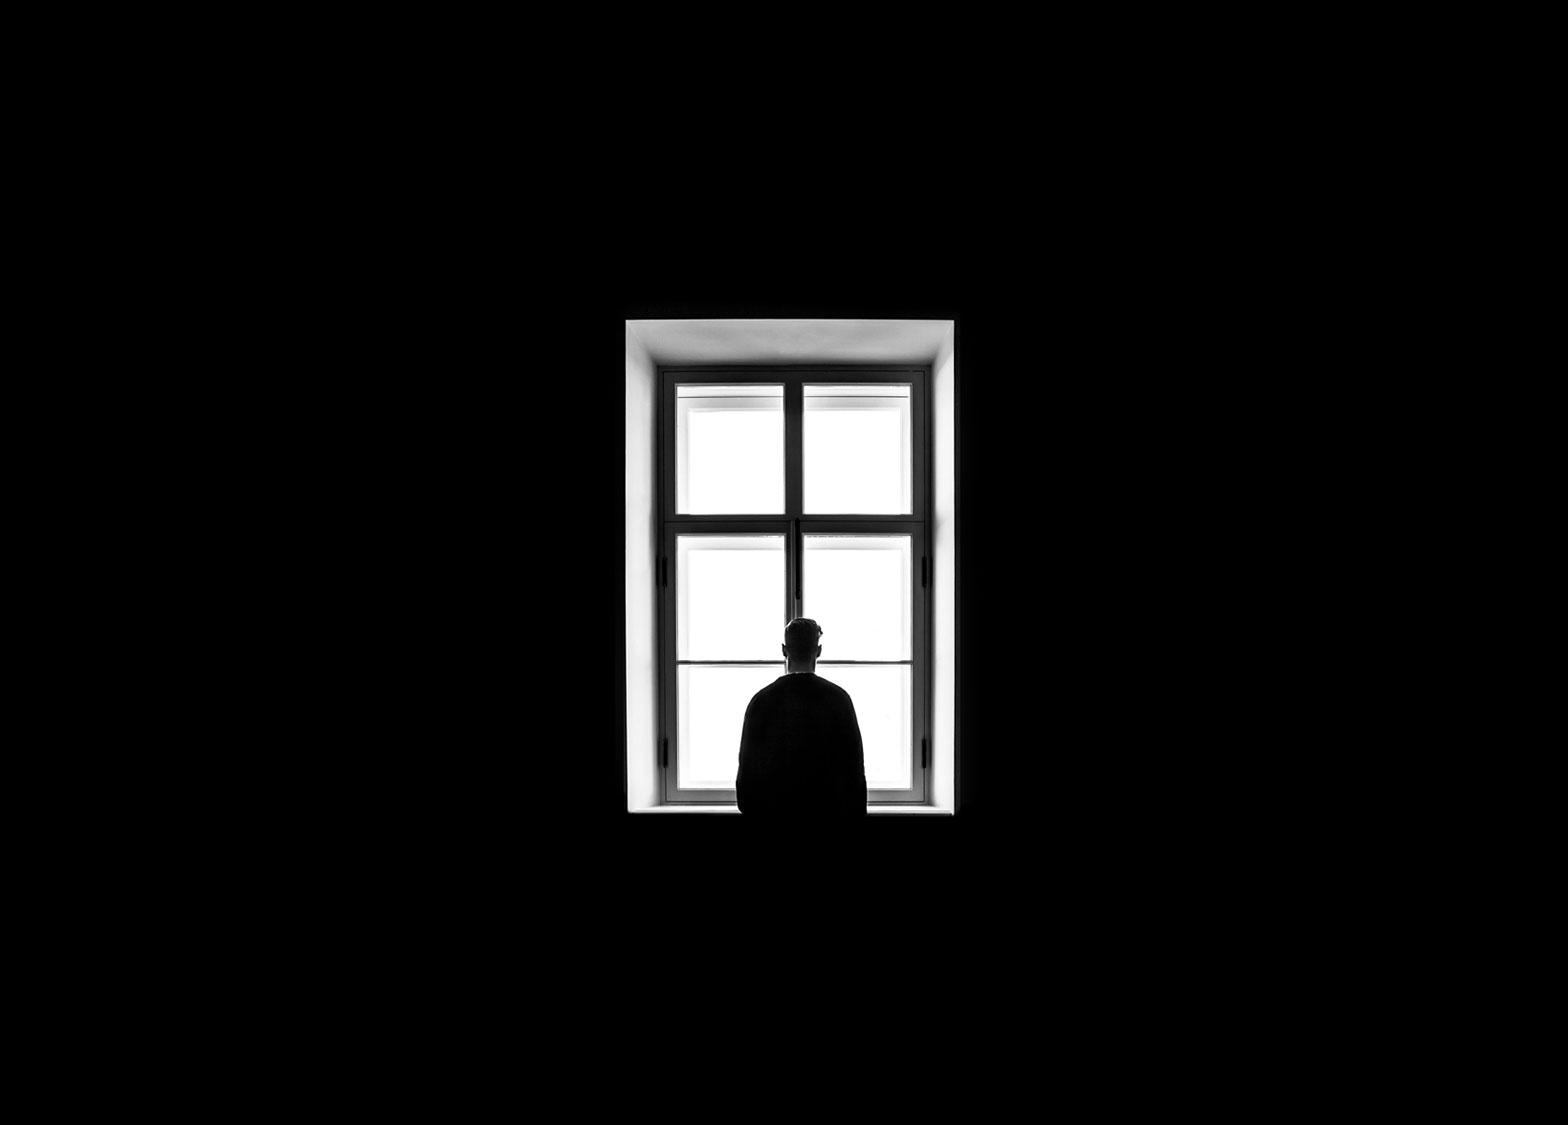 depressione-corti-da-legare-rassegna